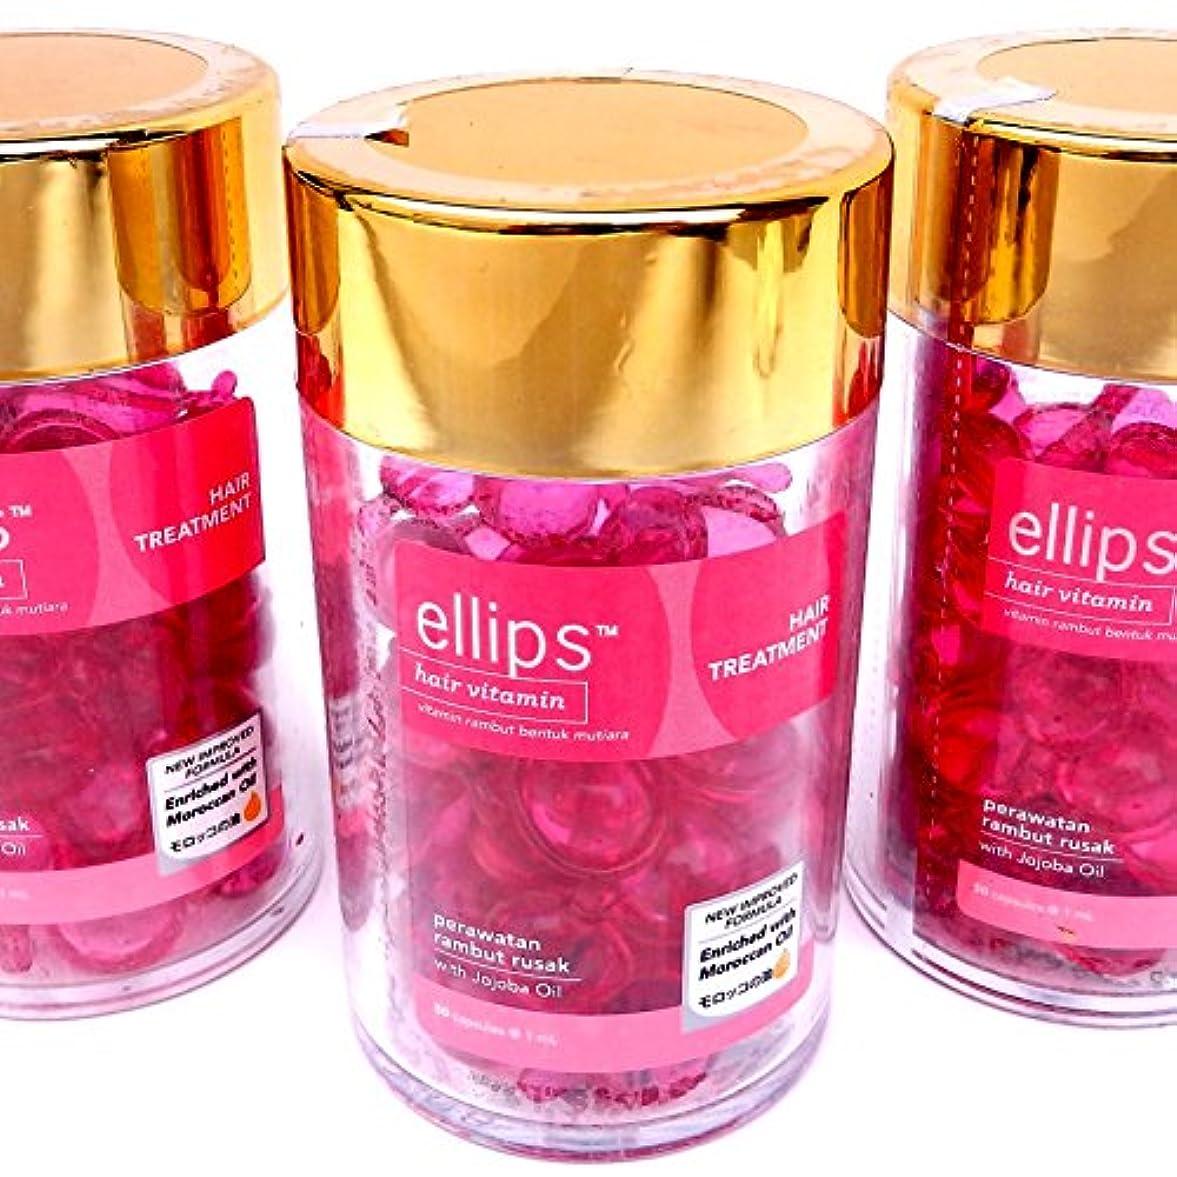 救援考古学的な静脈エリプス(Ellips) ヘアビタミン ピンク ボトル(50粒入)× 3 個セット[並行輸入品]